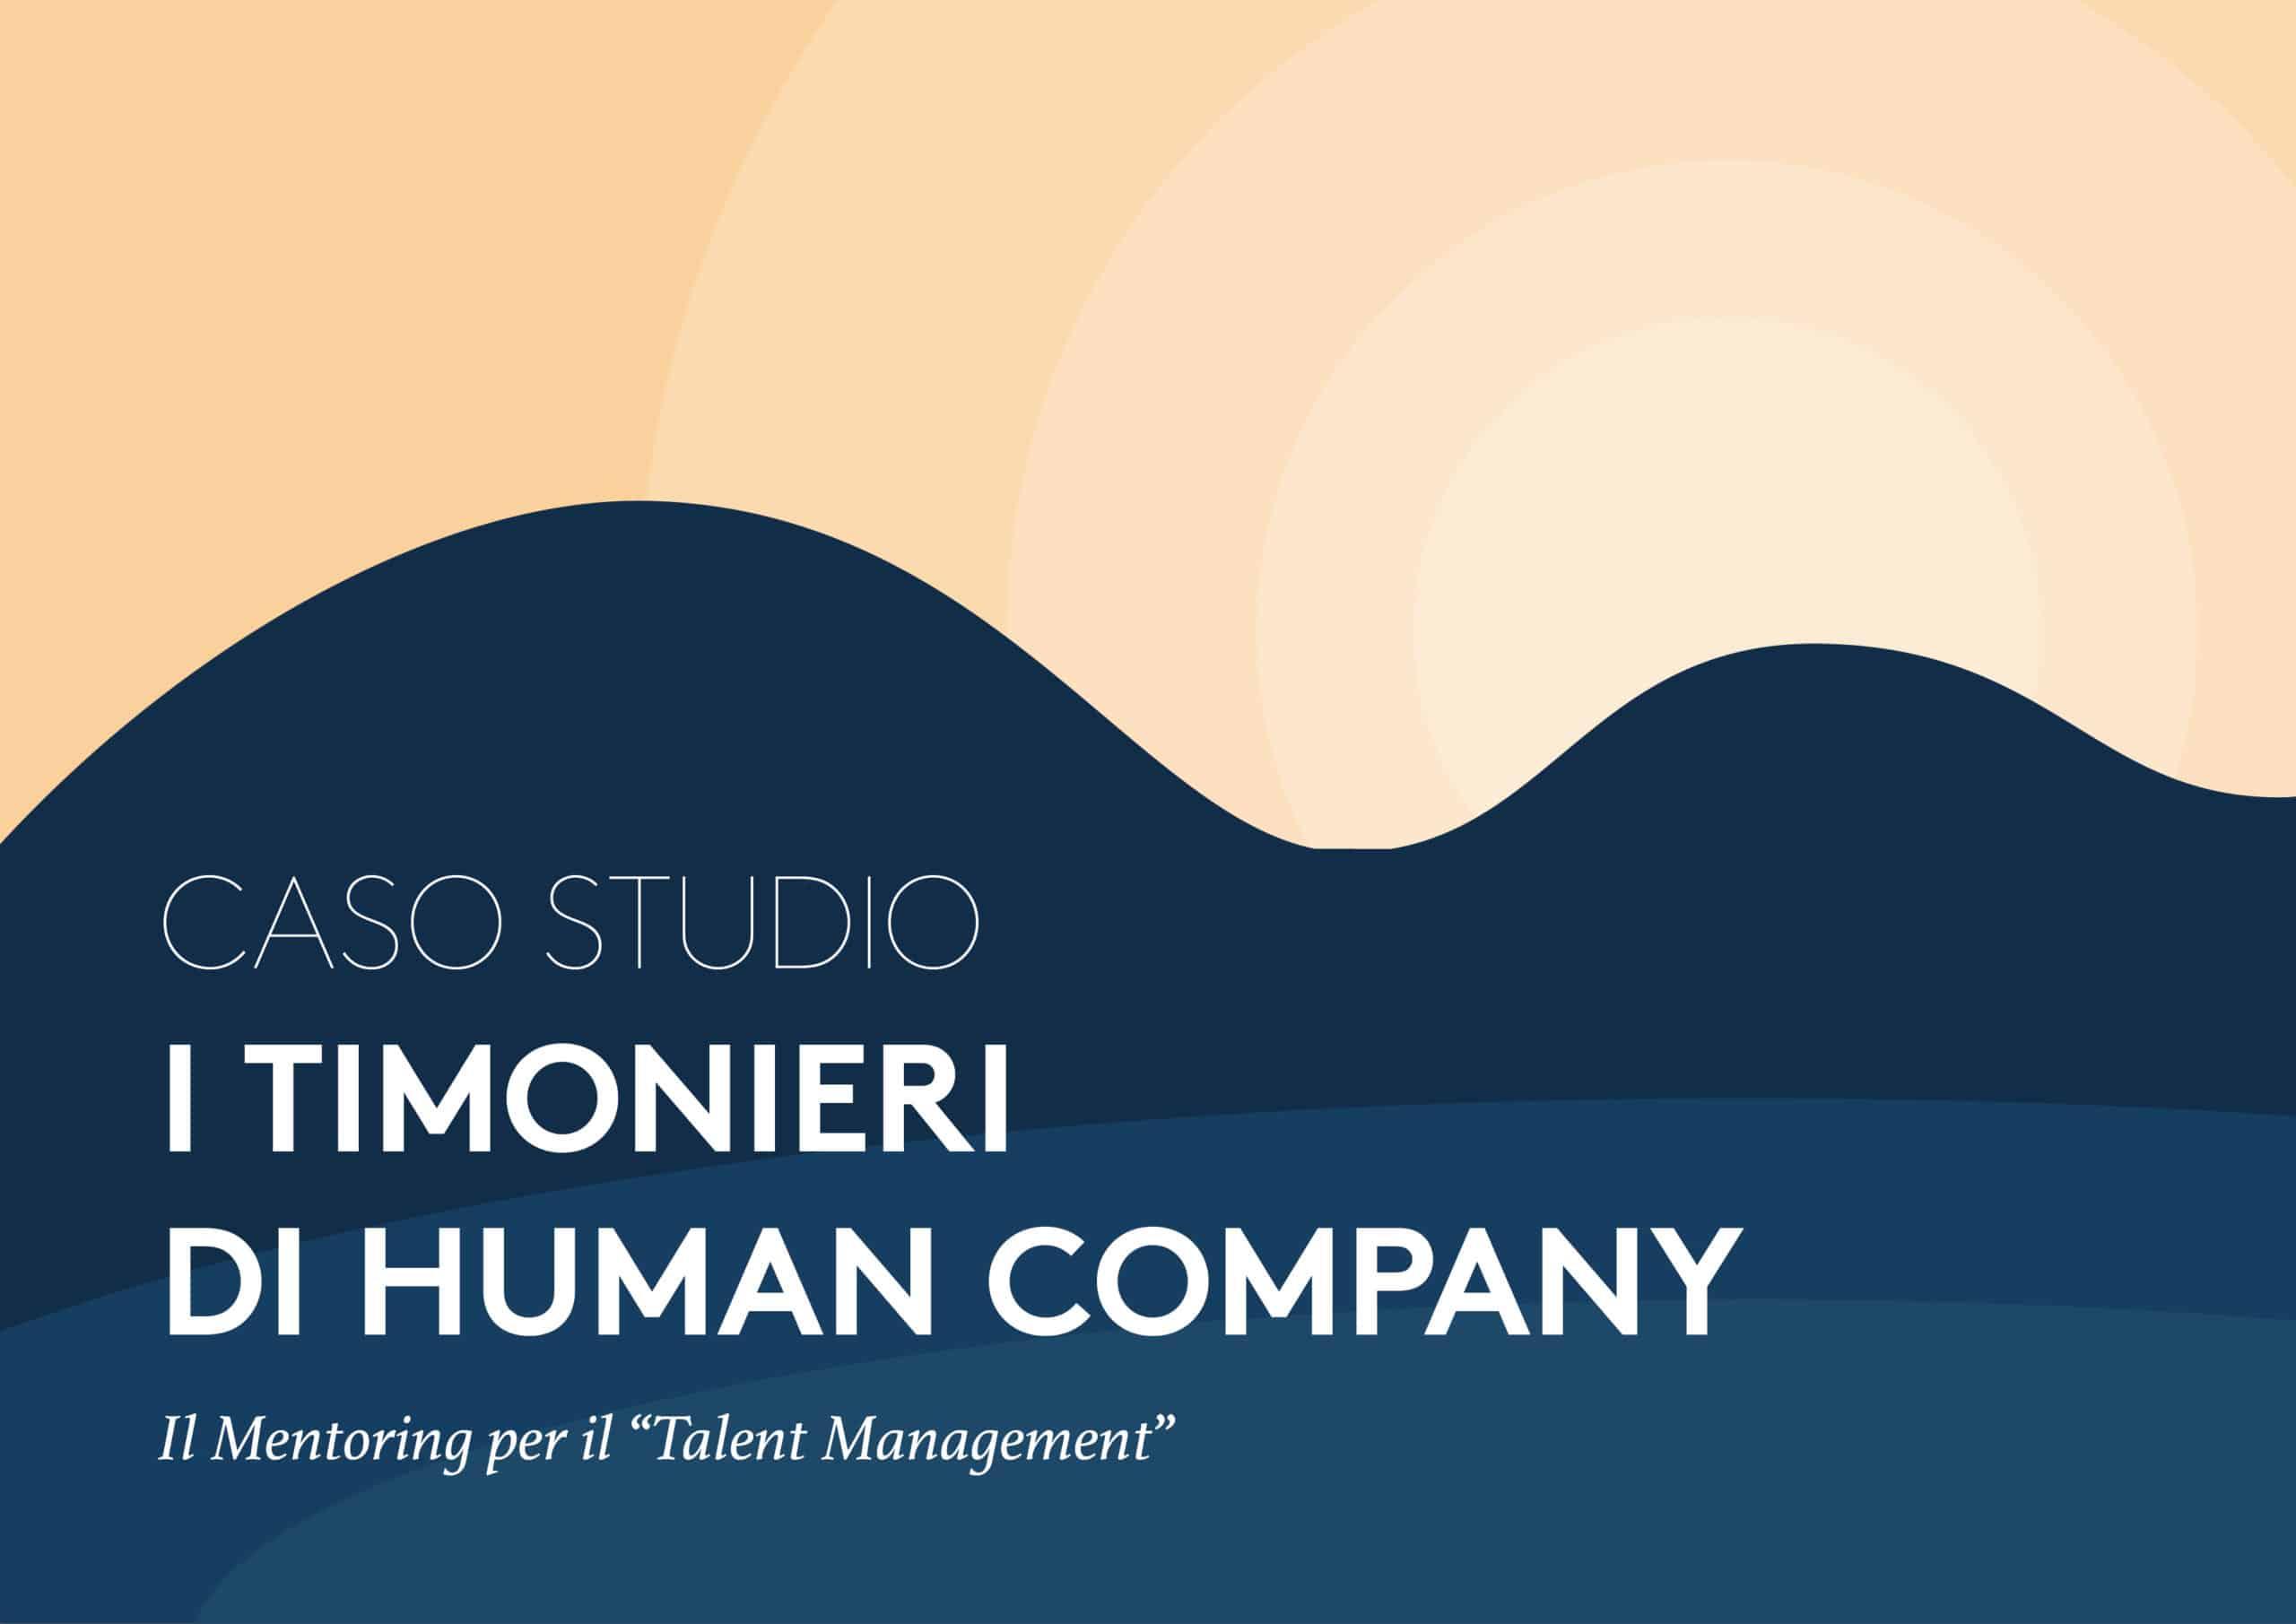 """CASO DI STUDIO: PROGETTO 'I TIMONIERI DI HUMAN COMPANY: Il Mentoring per il """"Talent Management"""""""